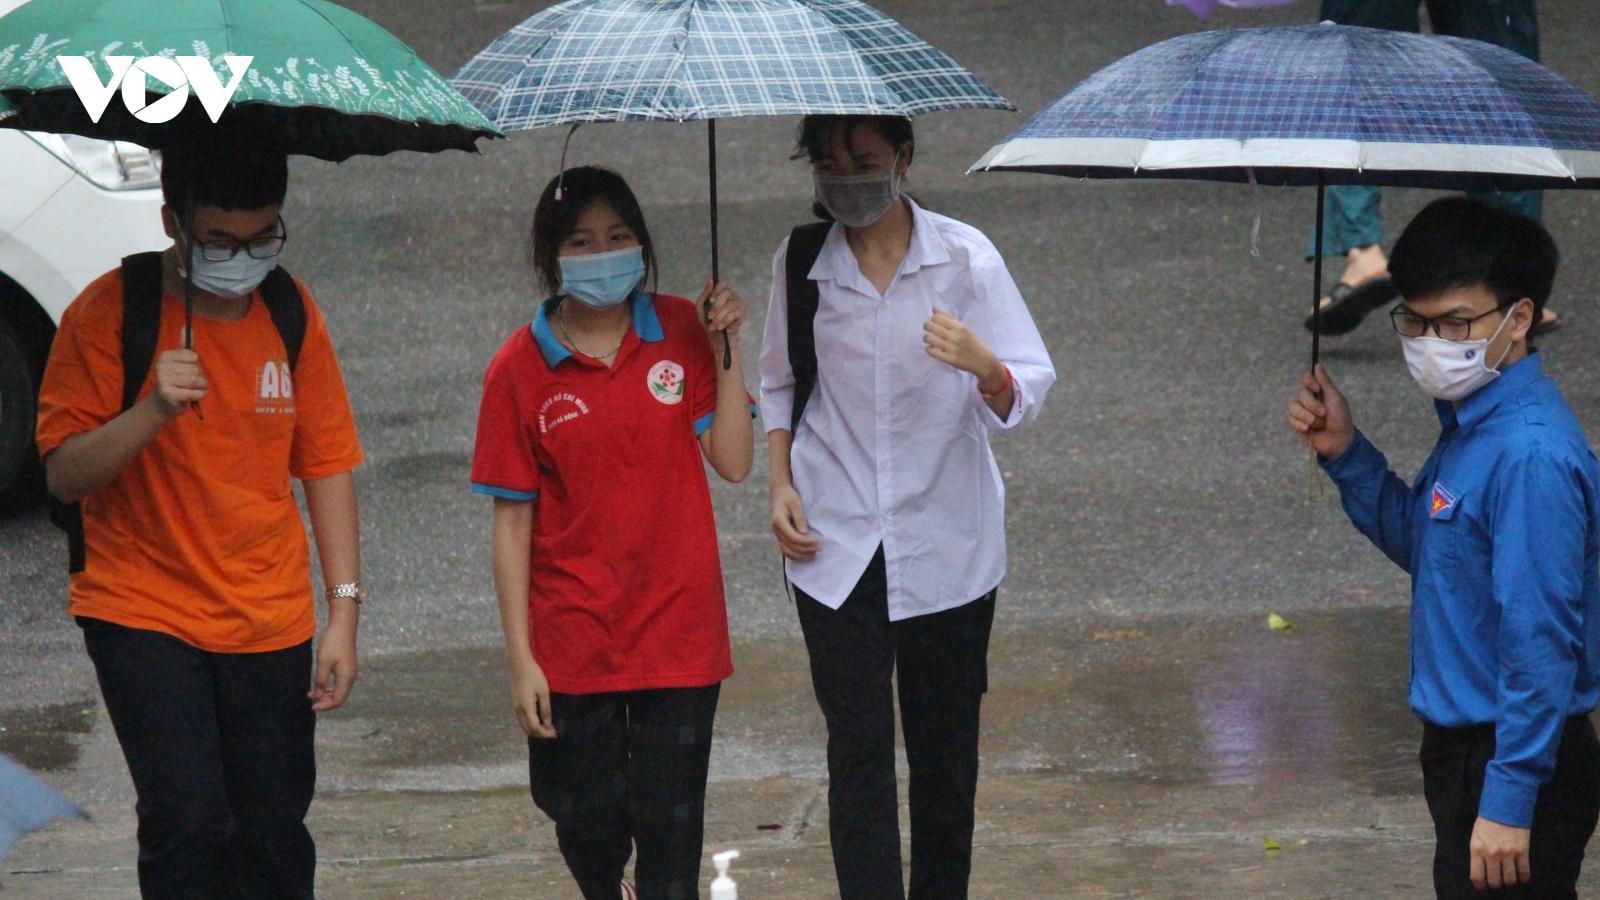 Đề thi Toán vào lớp 10 THPT công lập tại Hà Nội